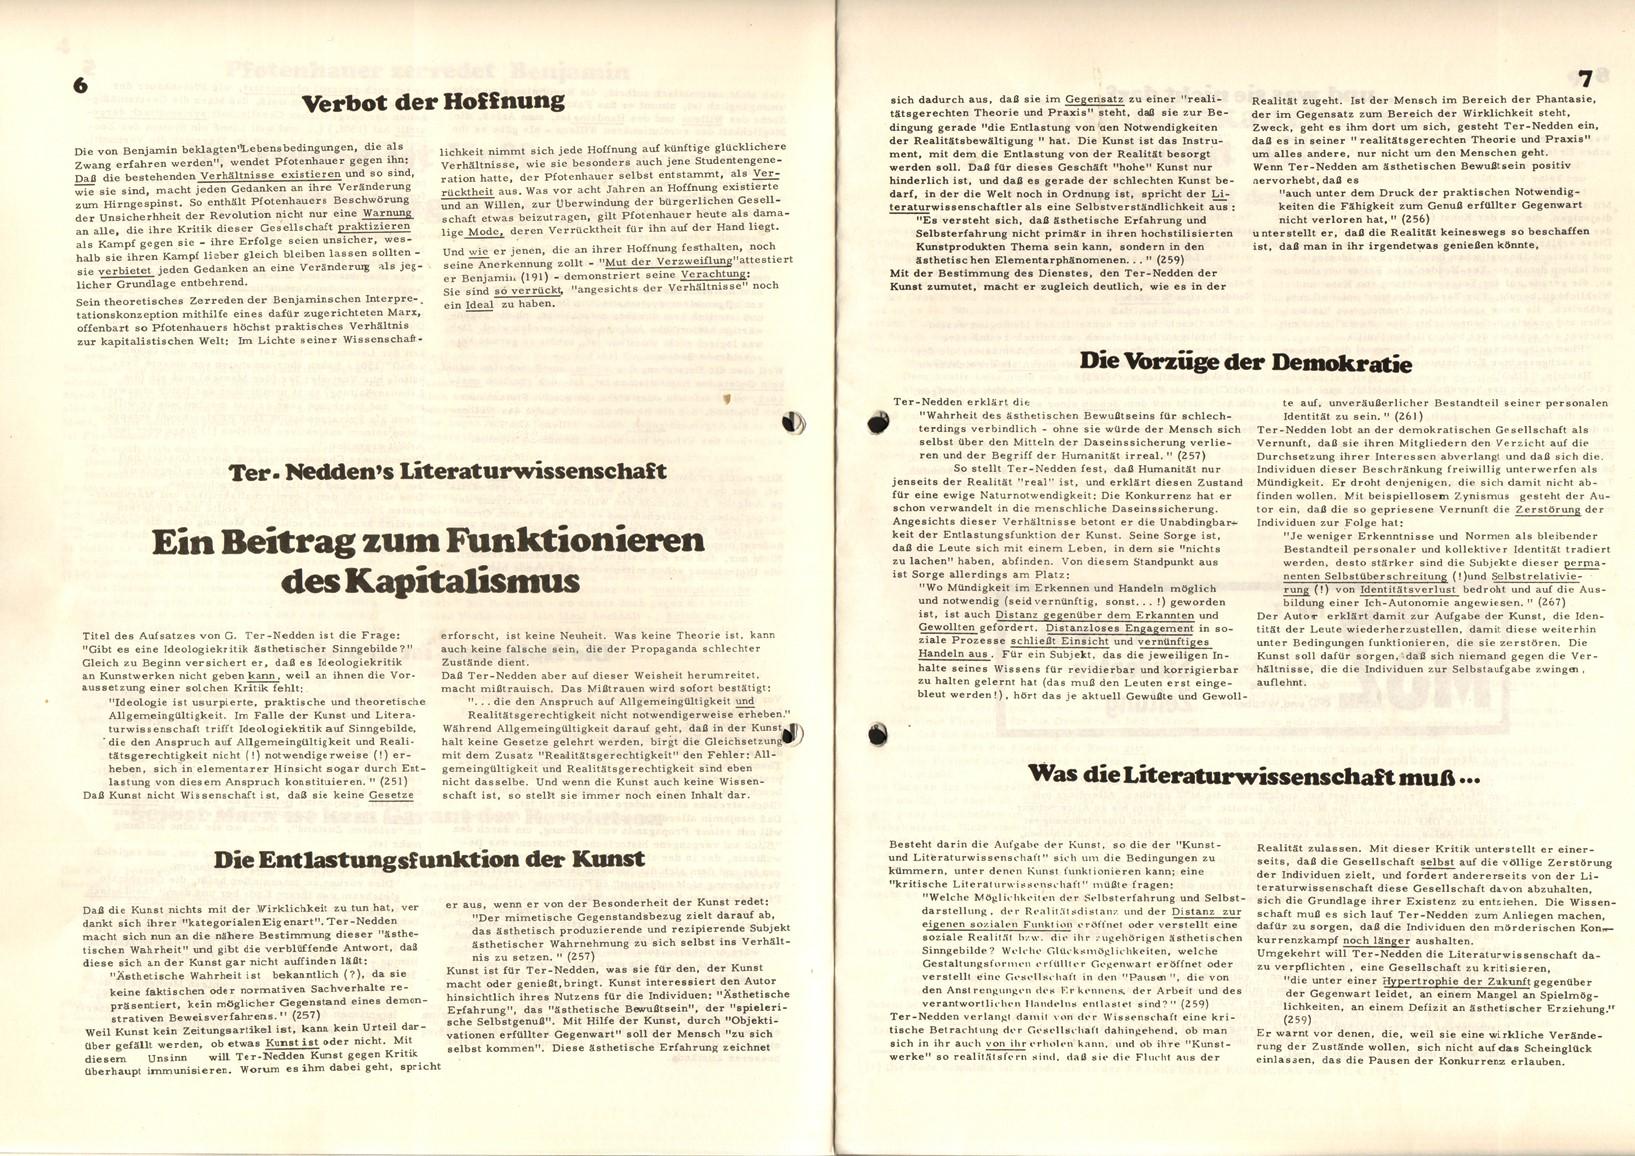 Muenchen_MG_FB_Sprach_Literaturwissenschaften_19751200_05